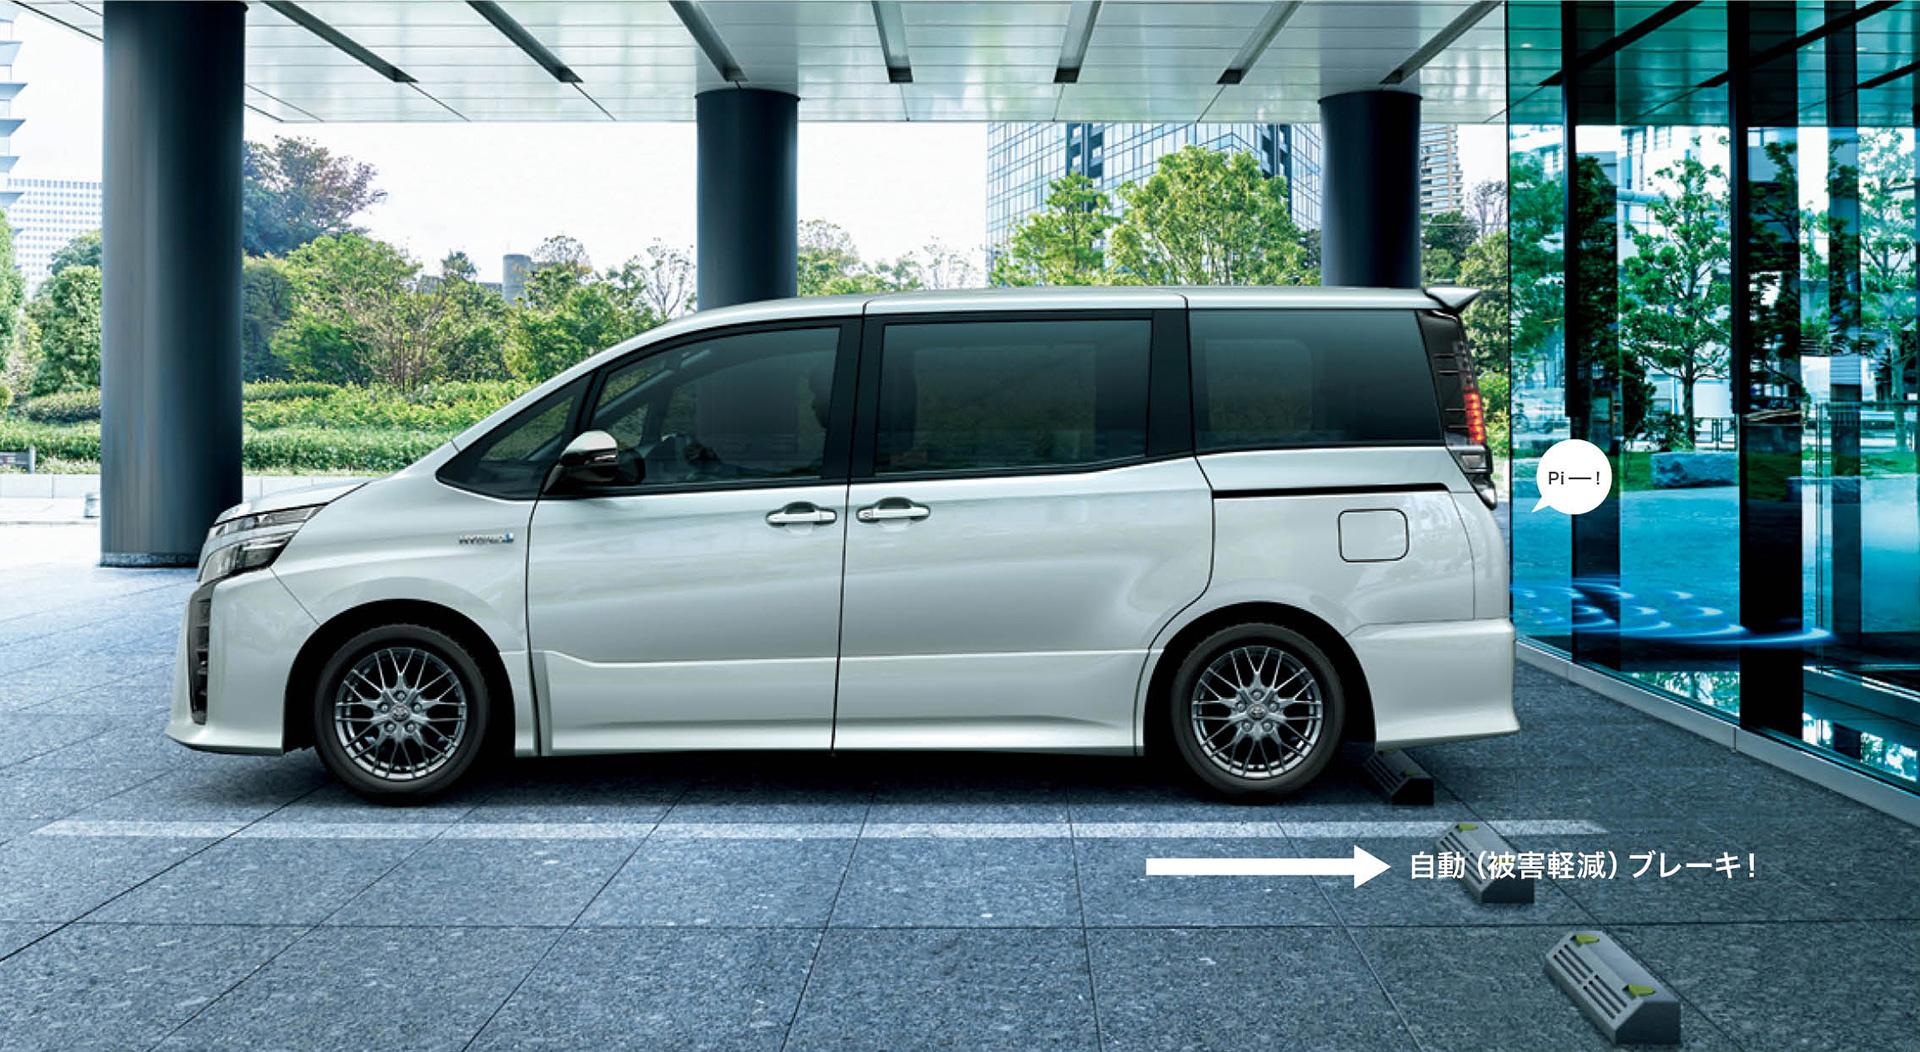 「【新車】トヨタのMクラスミニバン「ヴォクシー」「ノア」「エスクァイア」が先進安全機能を向上」の1枚目の画像